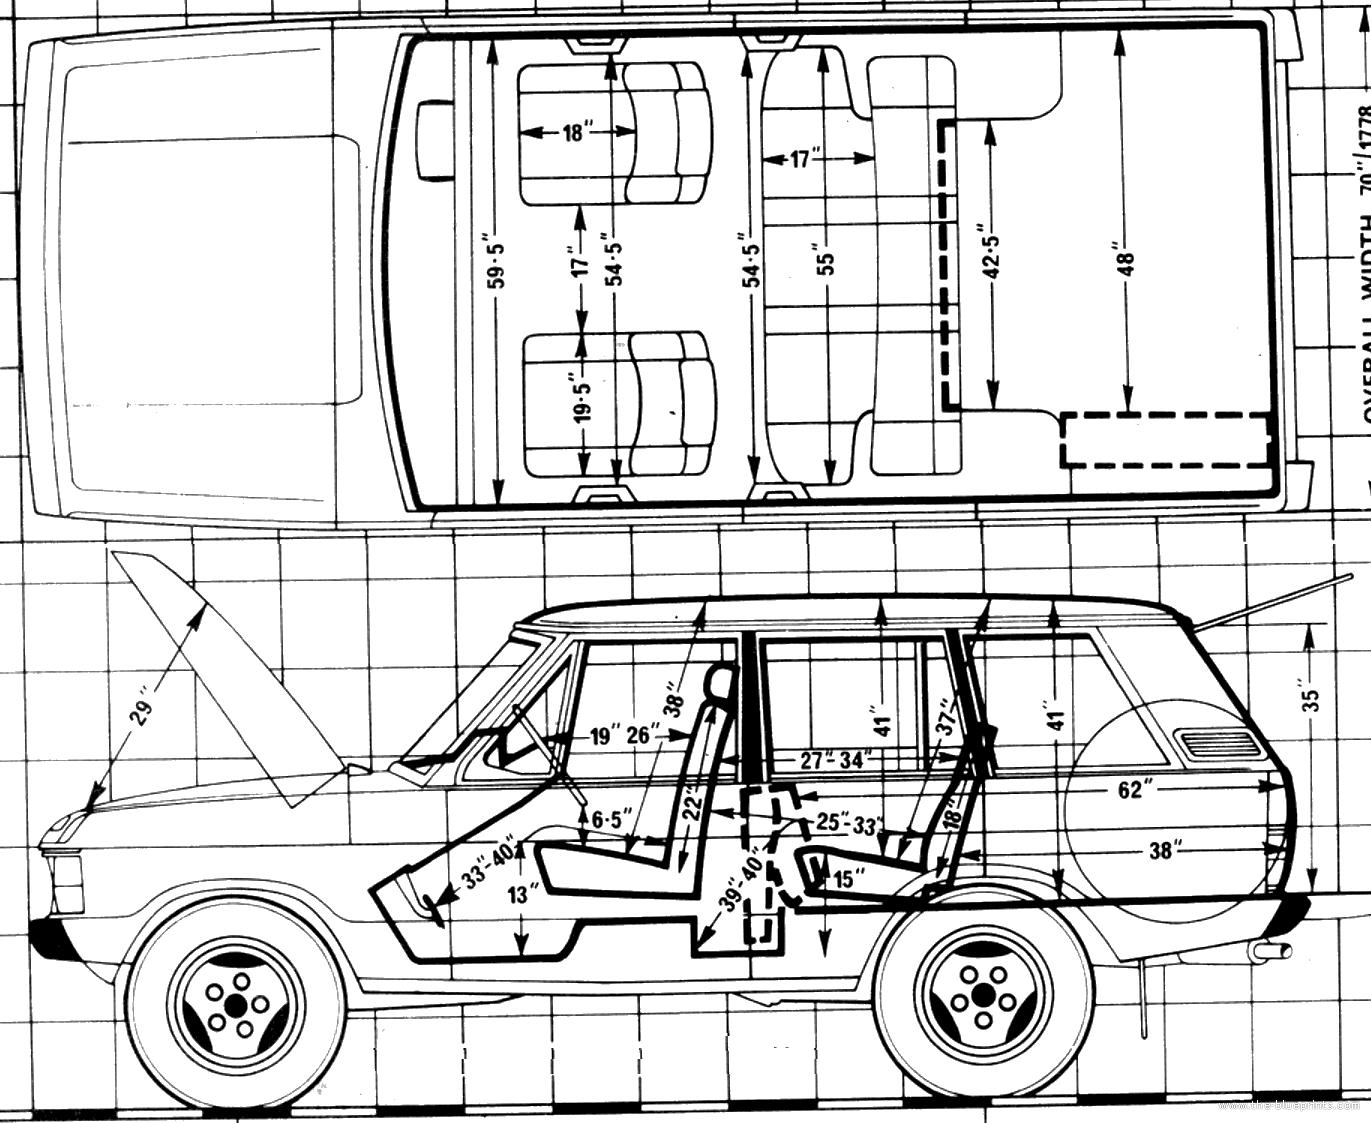 blueprints cars range rover range rover 3 5 v8 4 door 1981. Black Bedroom Furniture Sets. Home Design Ideas